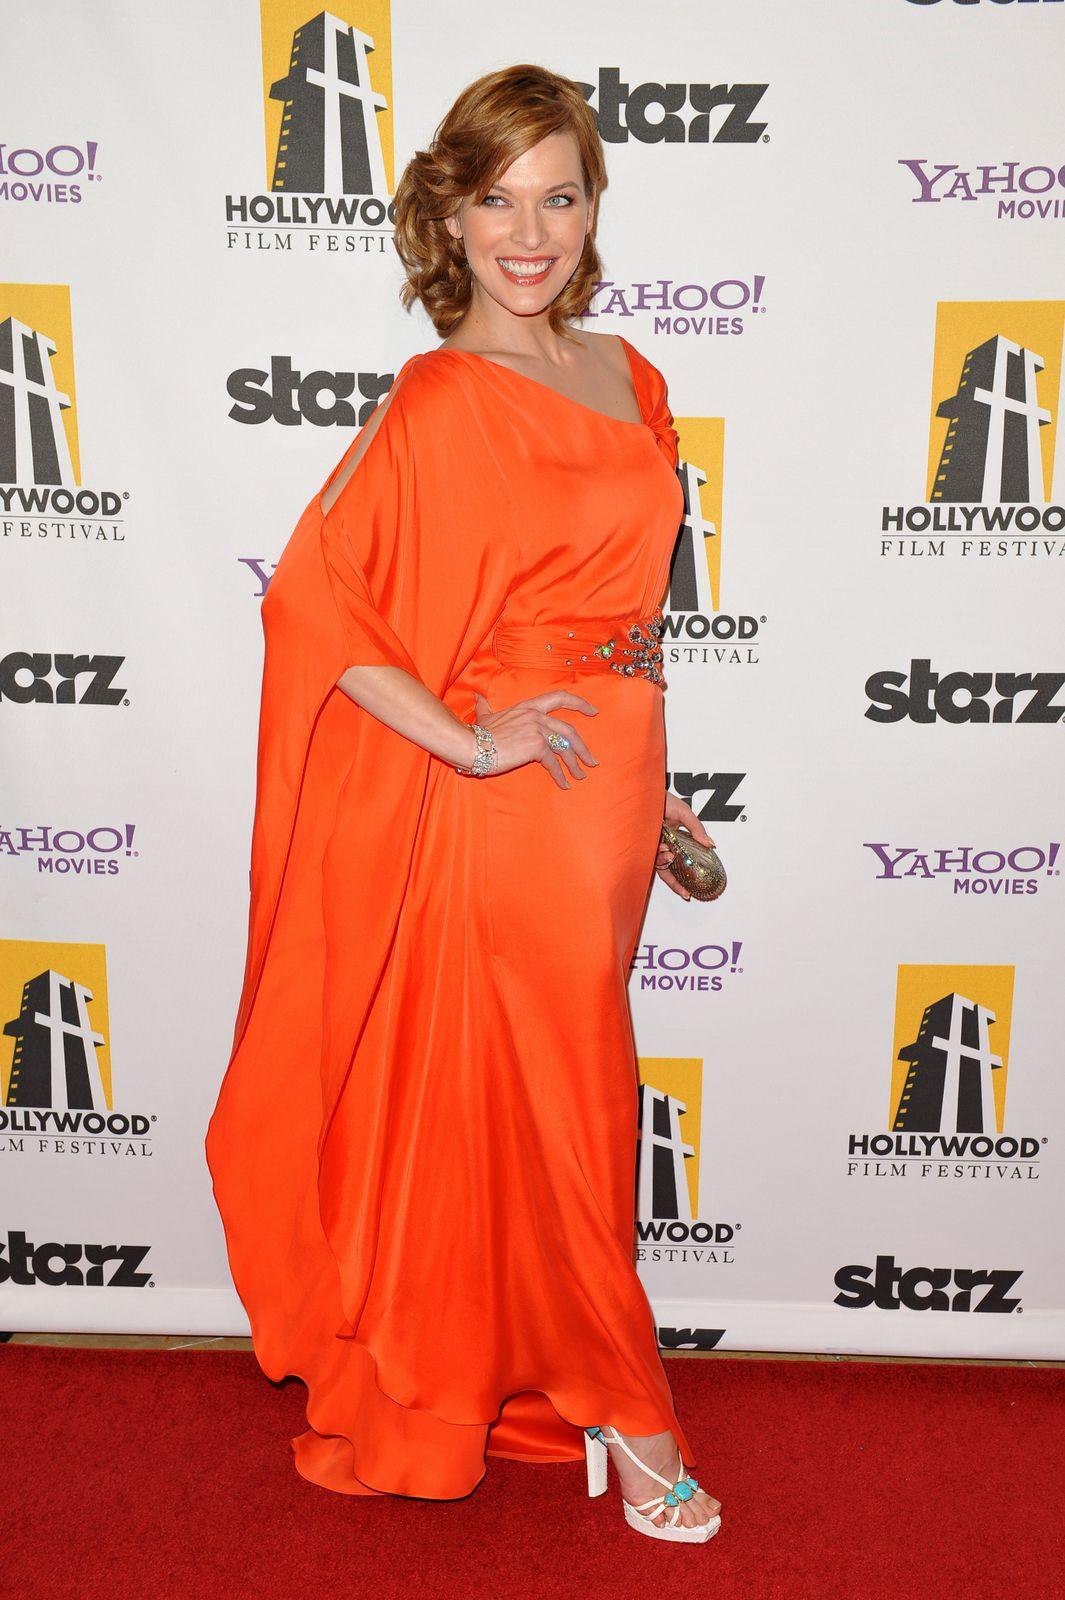 http://3.bp.blogspot.com/-pabgk9VvG20/ThXSEAD9RJI/AAAAAAAAEHc/XX1IJ0xQgeE/s1600/Milla-Jovovich_Bikini-HQ_%25289%2529.jpg